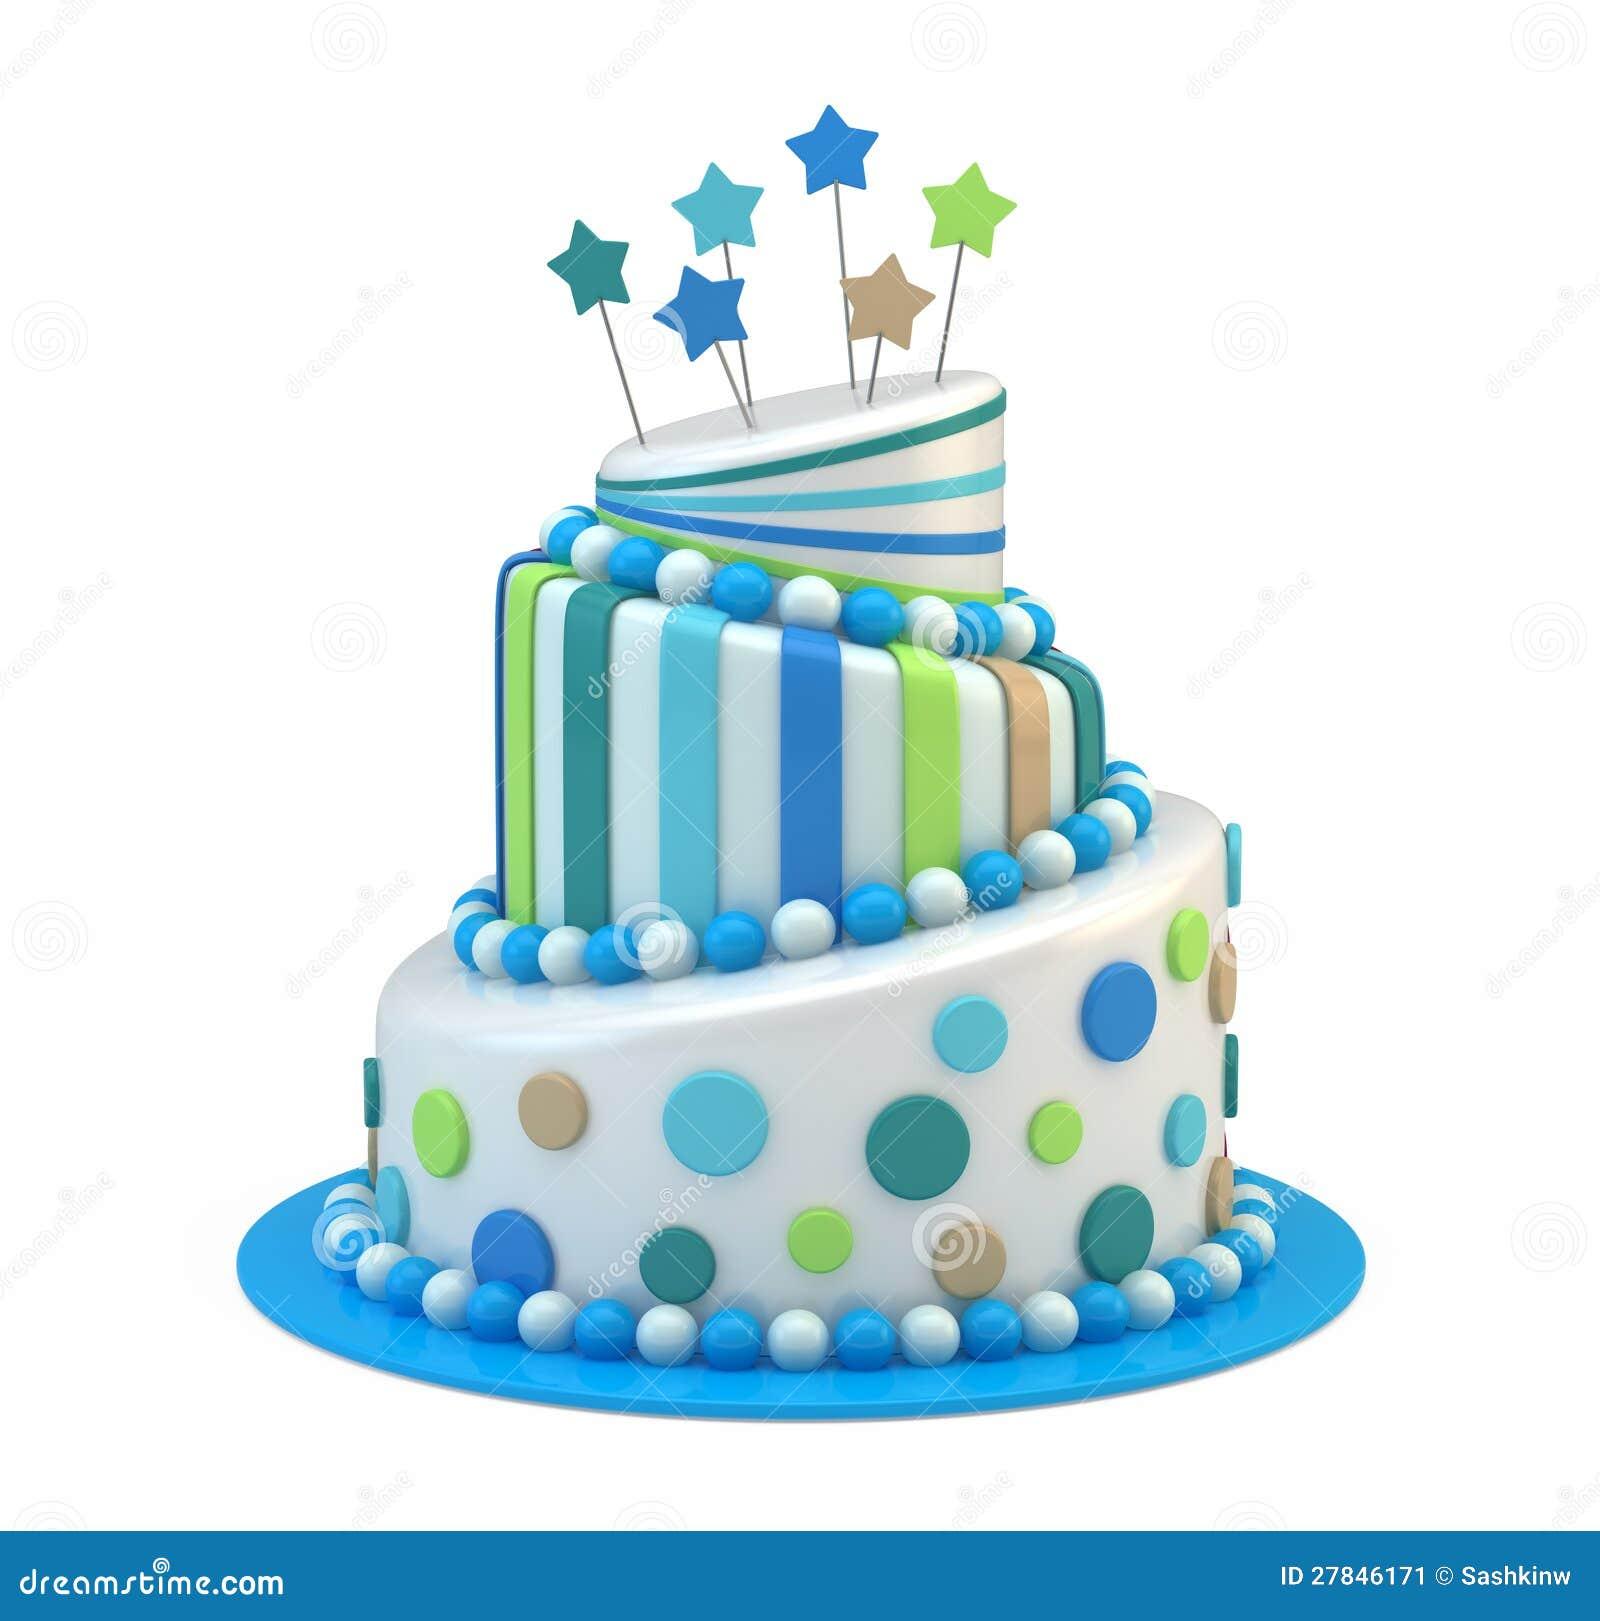 Big Holiday Cake Stock Illustration. Illustration Of